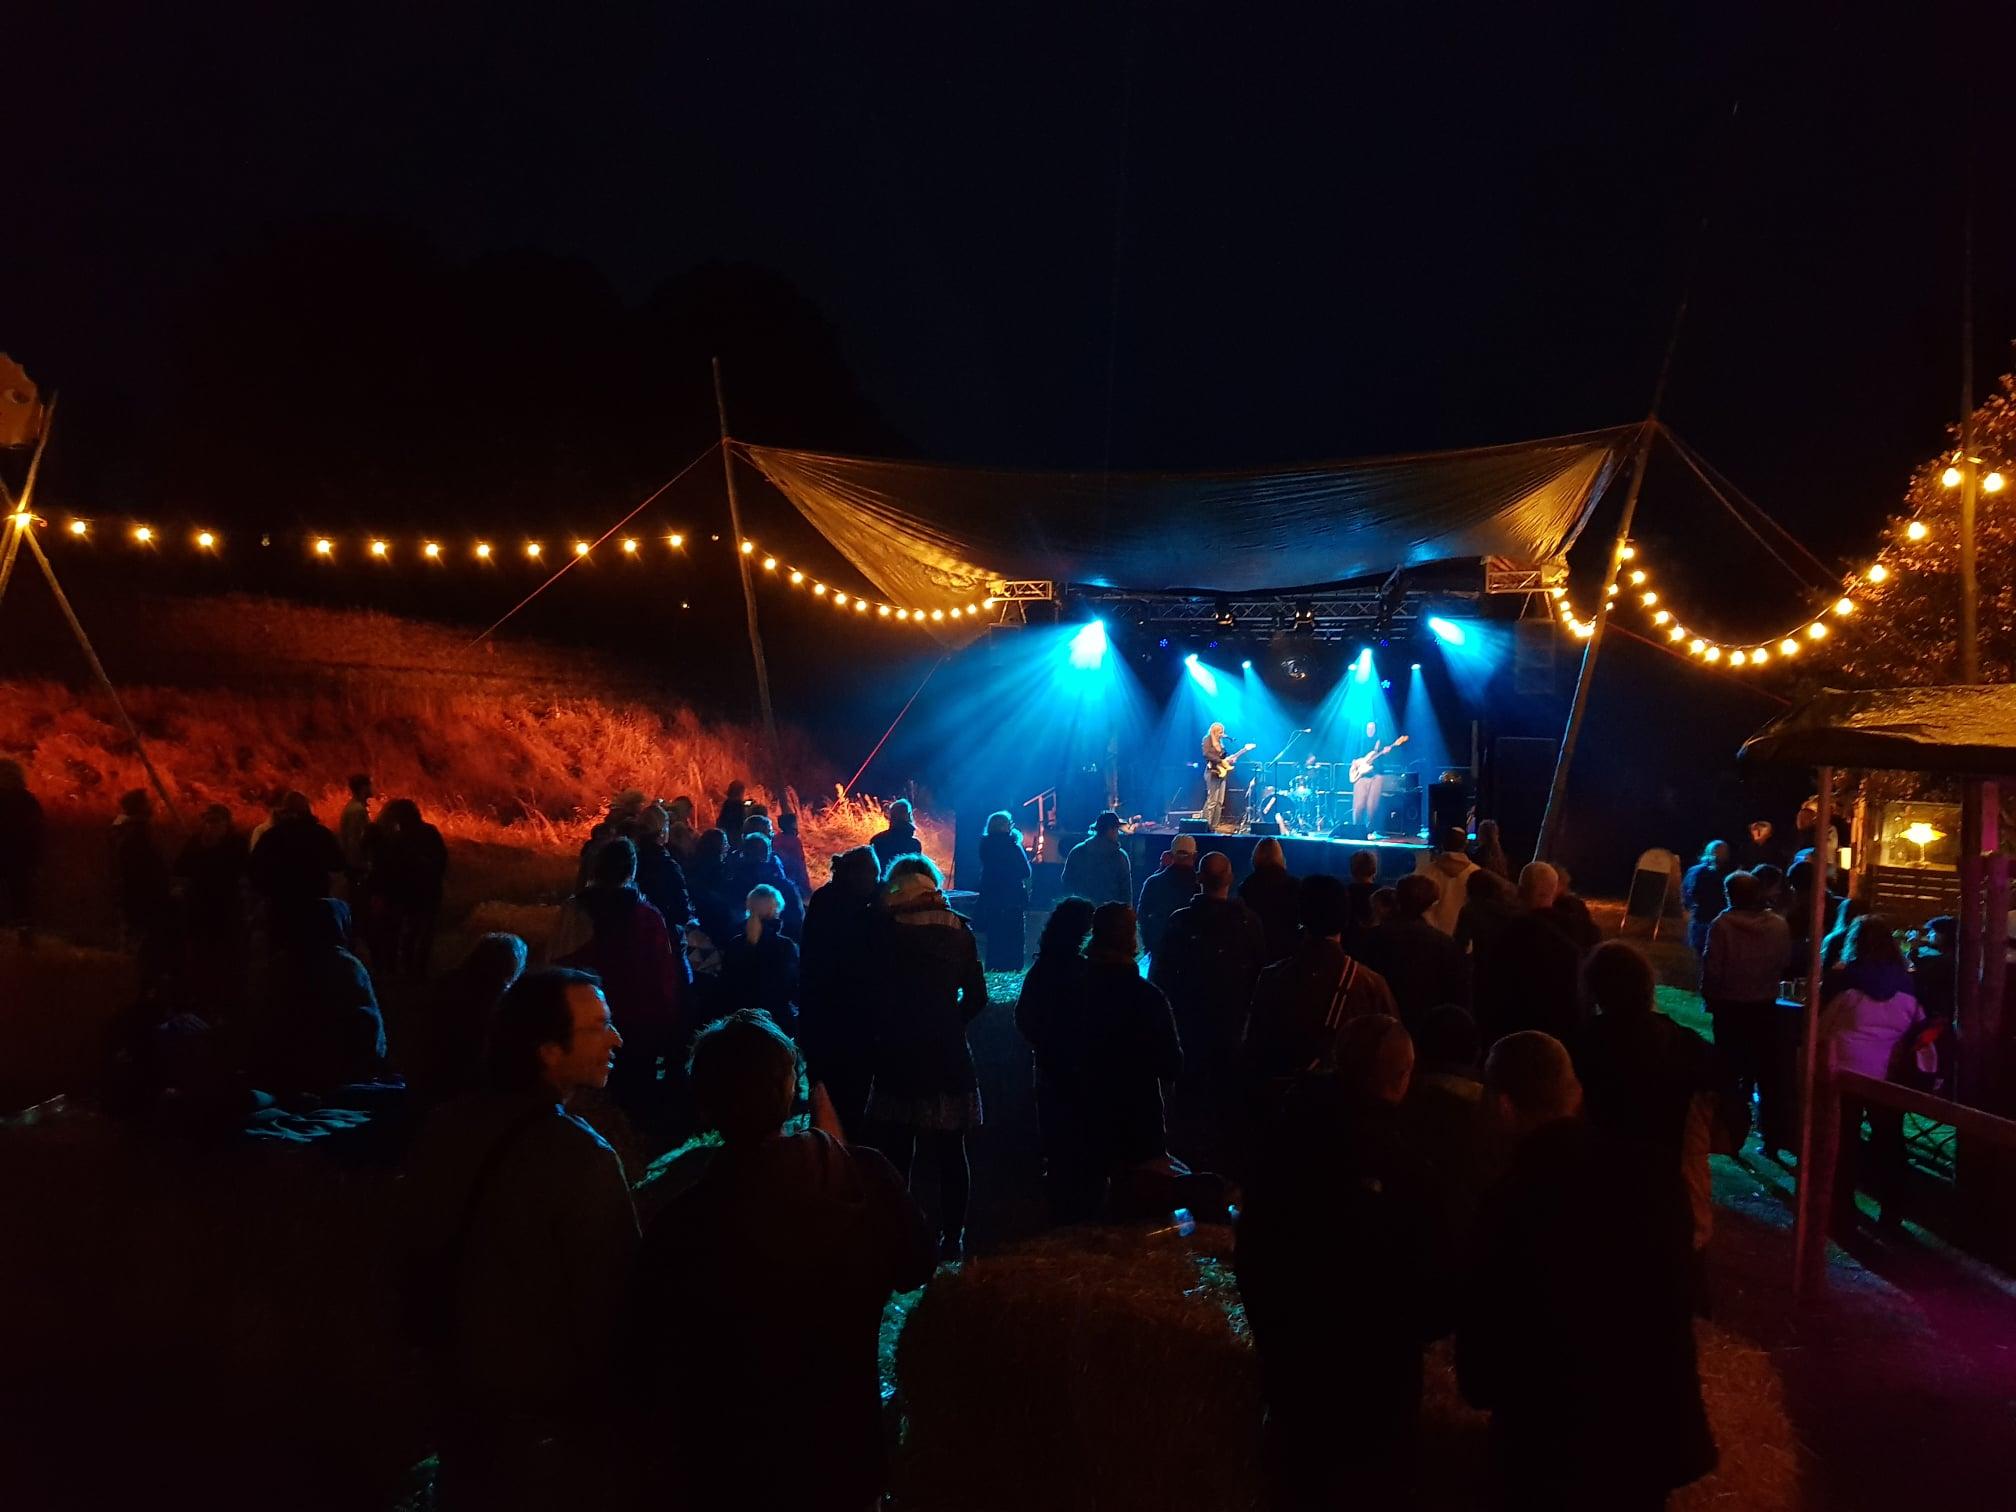 Krach am Bach 2020 Konzert - Licht und Tontechnik by ESS